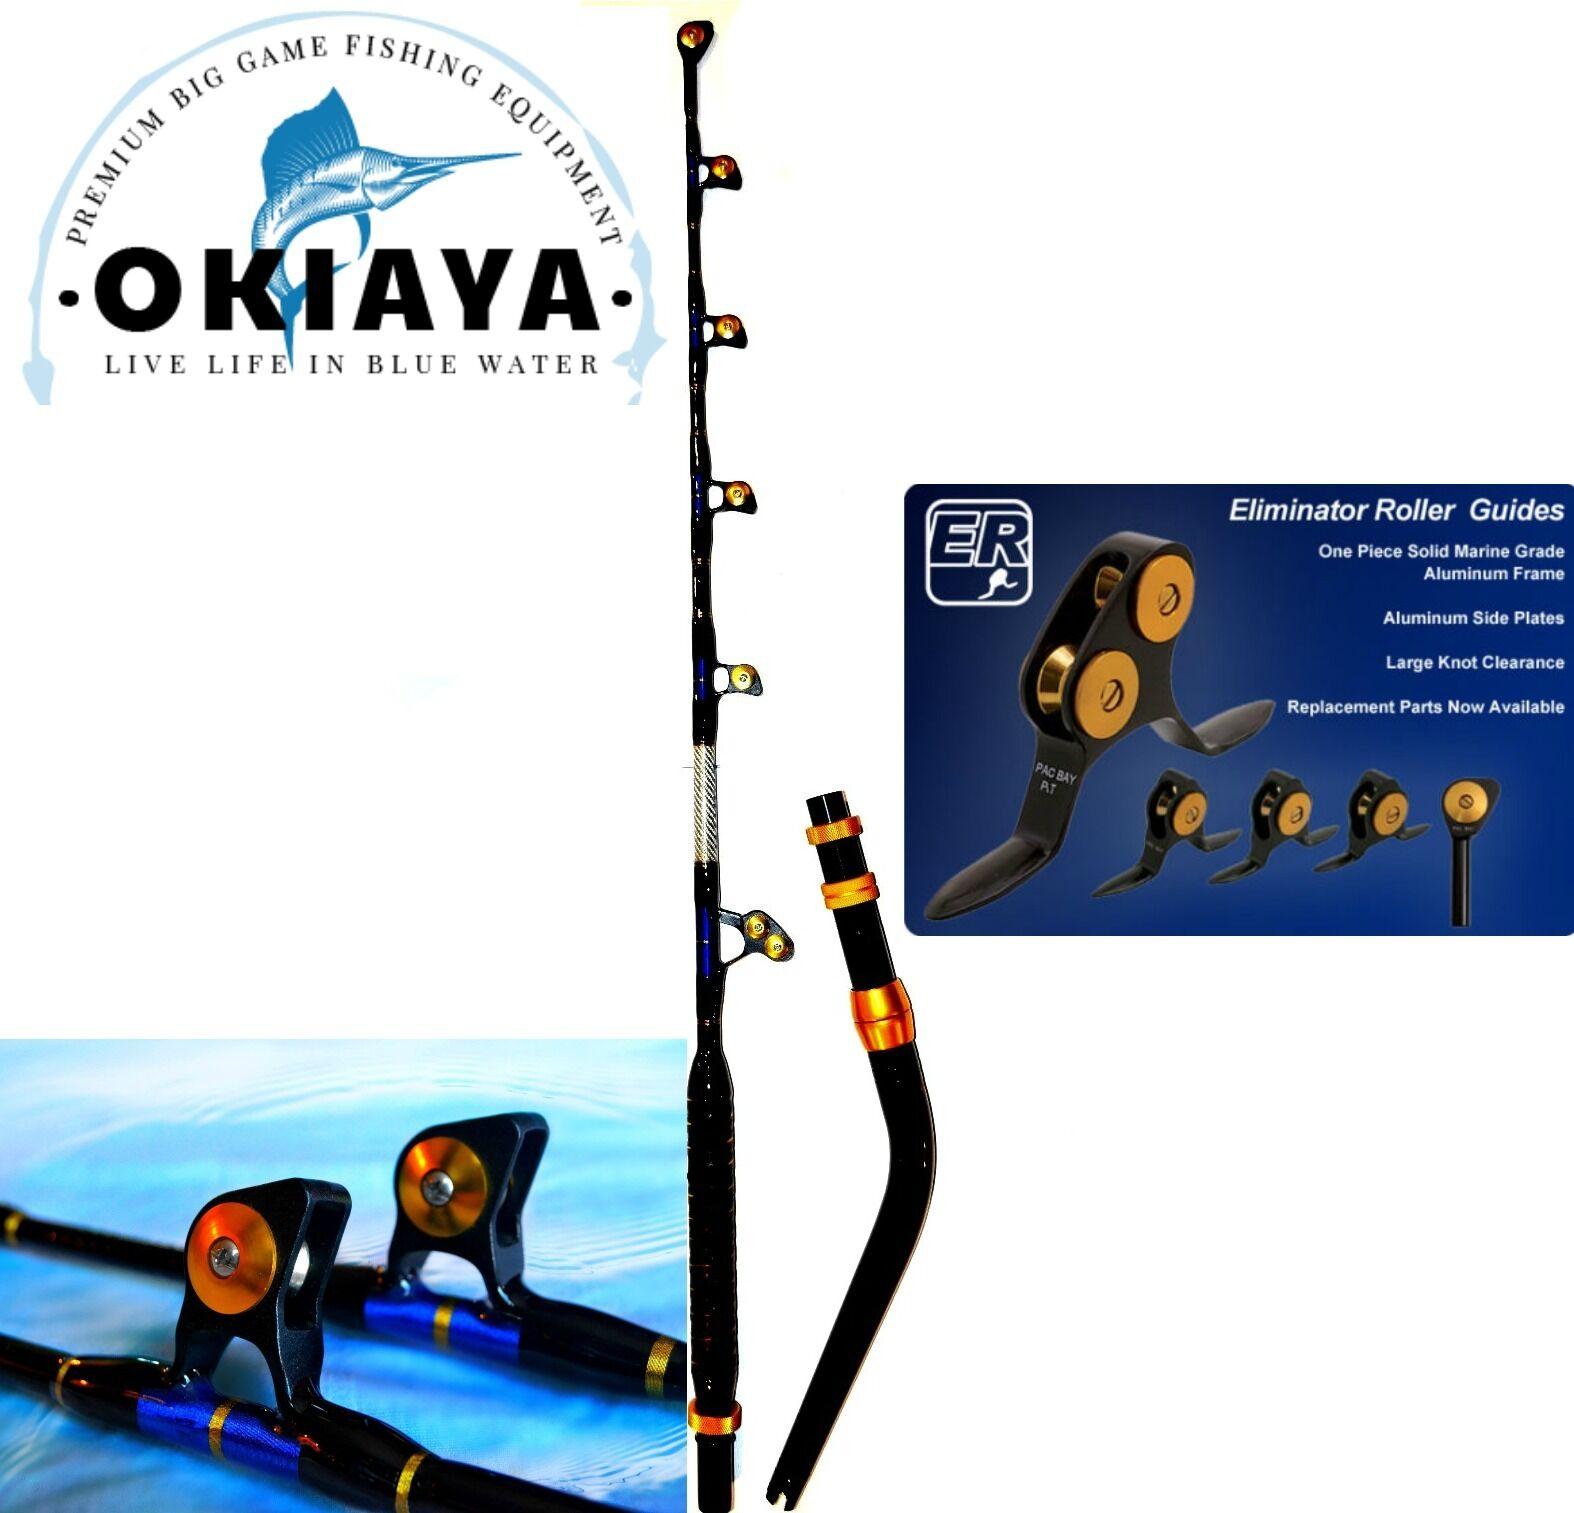 Okiaya Venom Pro doblada Trasero Cañar 100-130 Lb.  el monstruo